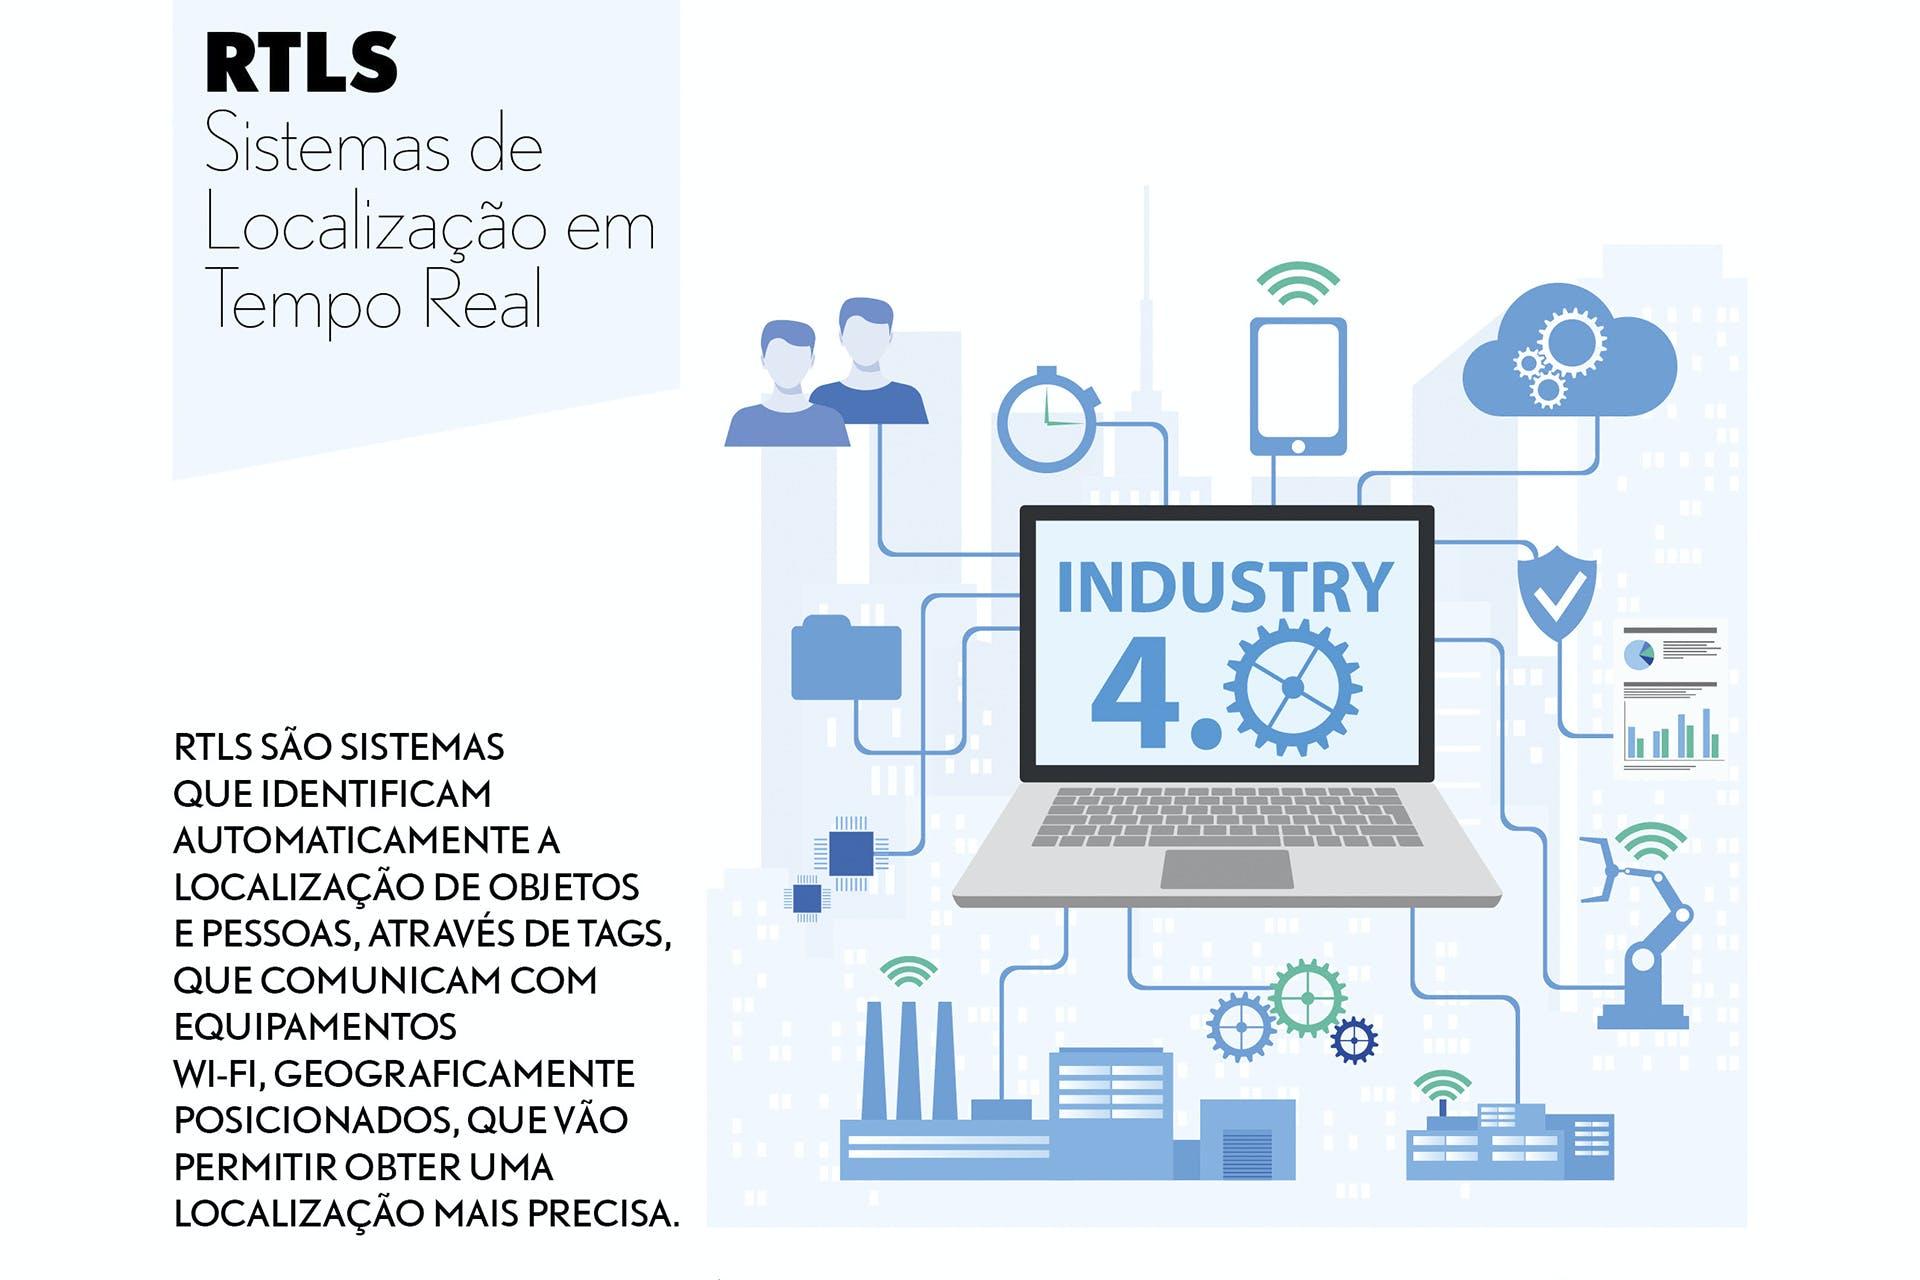 RTLS - SISTEMAS DE LOCALIZAÇÃO EM TEMPO REAL